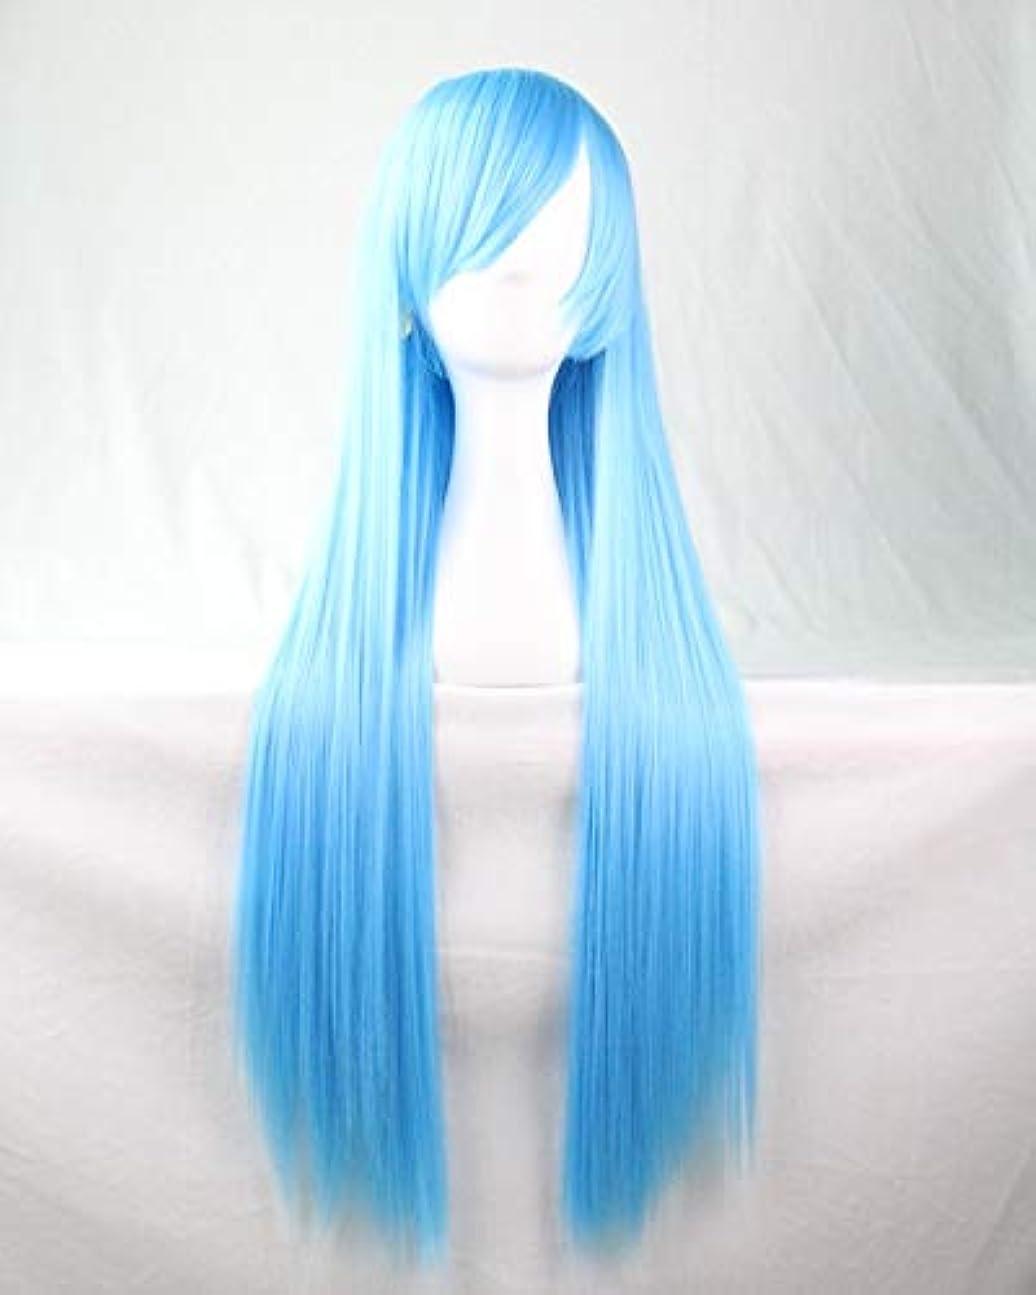 タイル腕争う女性のためのかつらキャップロングファンシードレスストレートウィッグ高品質な人工毛コスプレ高密度ウィッグ女性と女の子のためのかつら31.5インチ (Color : Aqua blue)